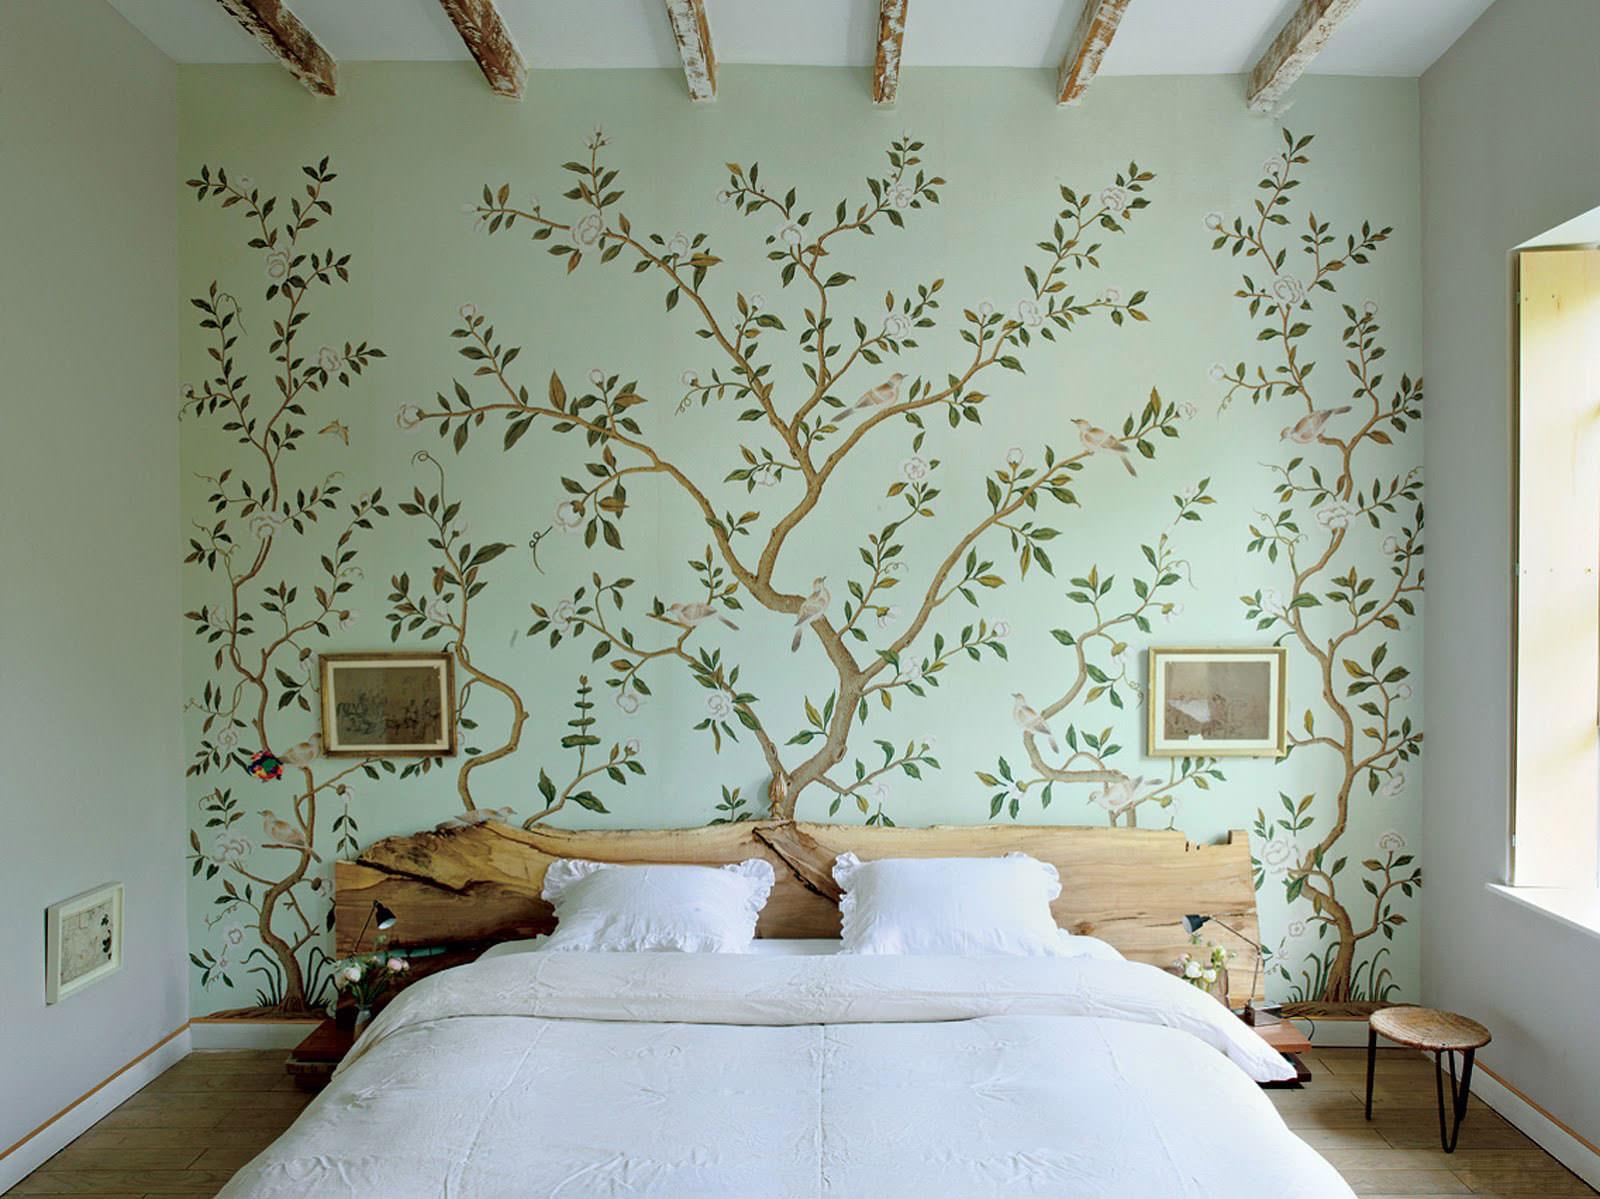 рисунки на стенах в квартире фото идеи это понятие